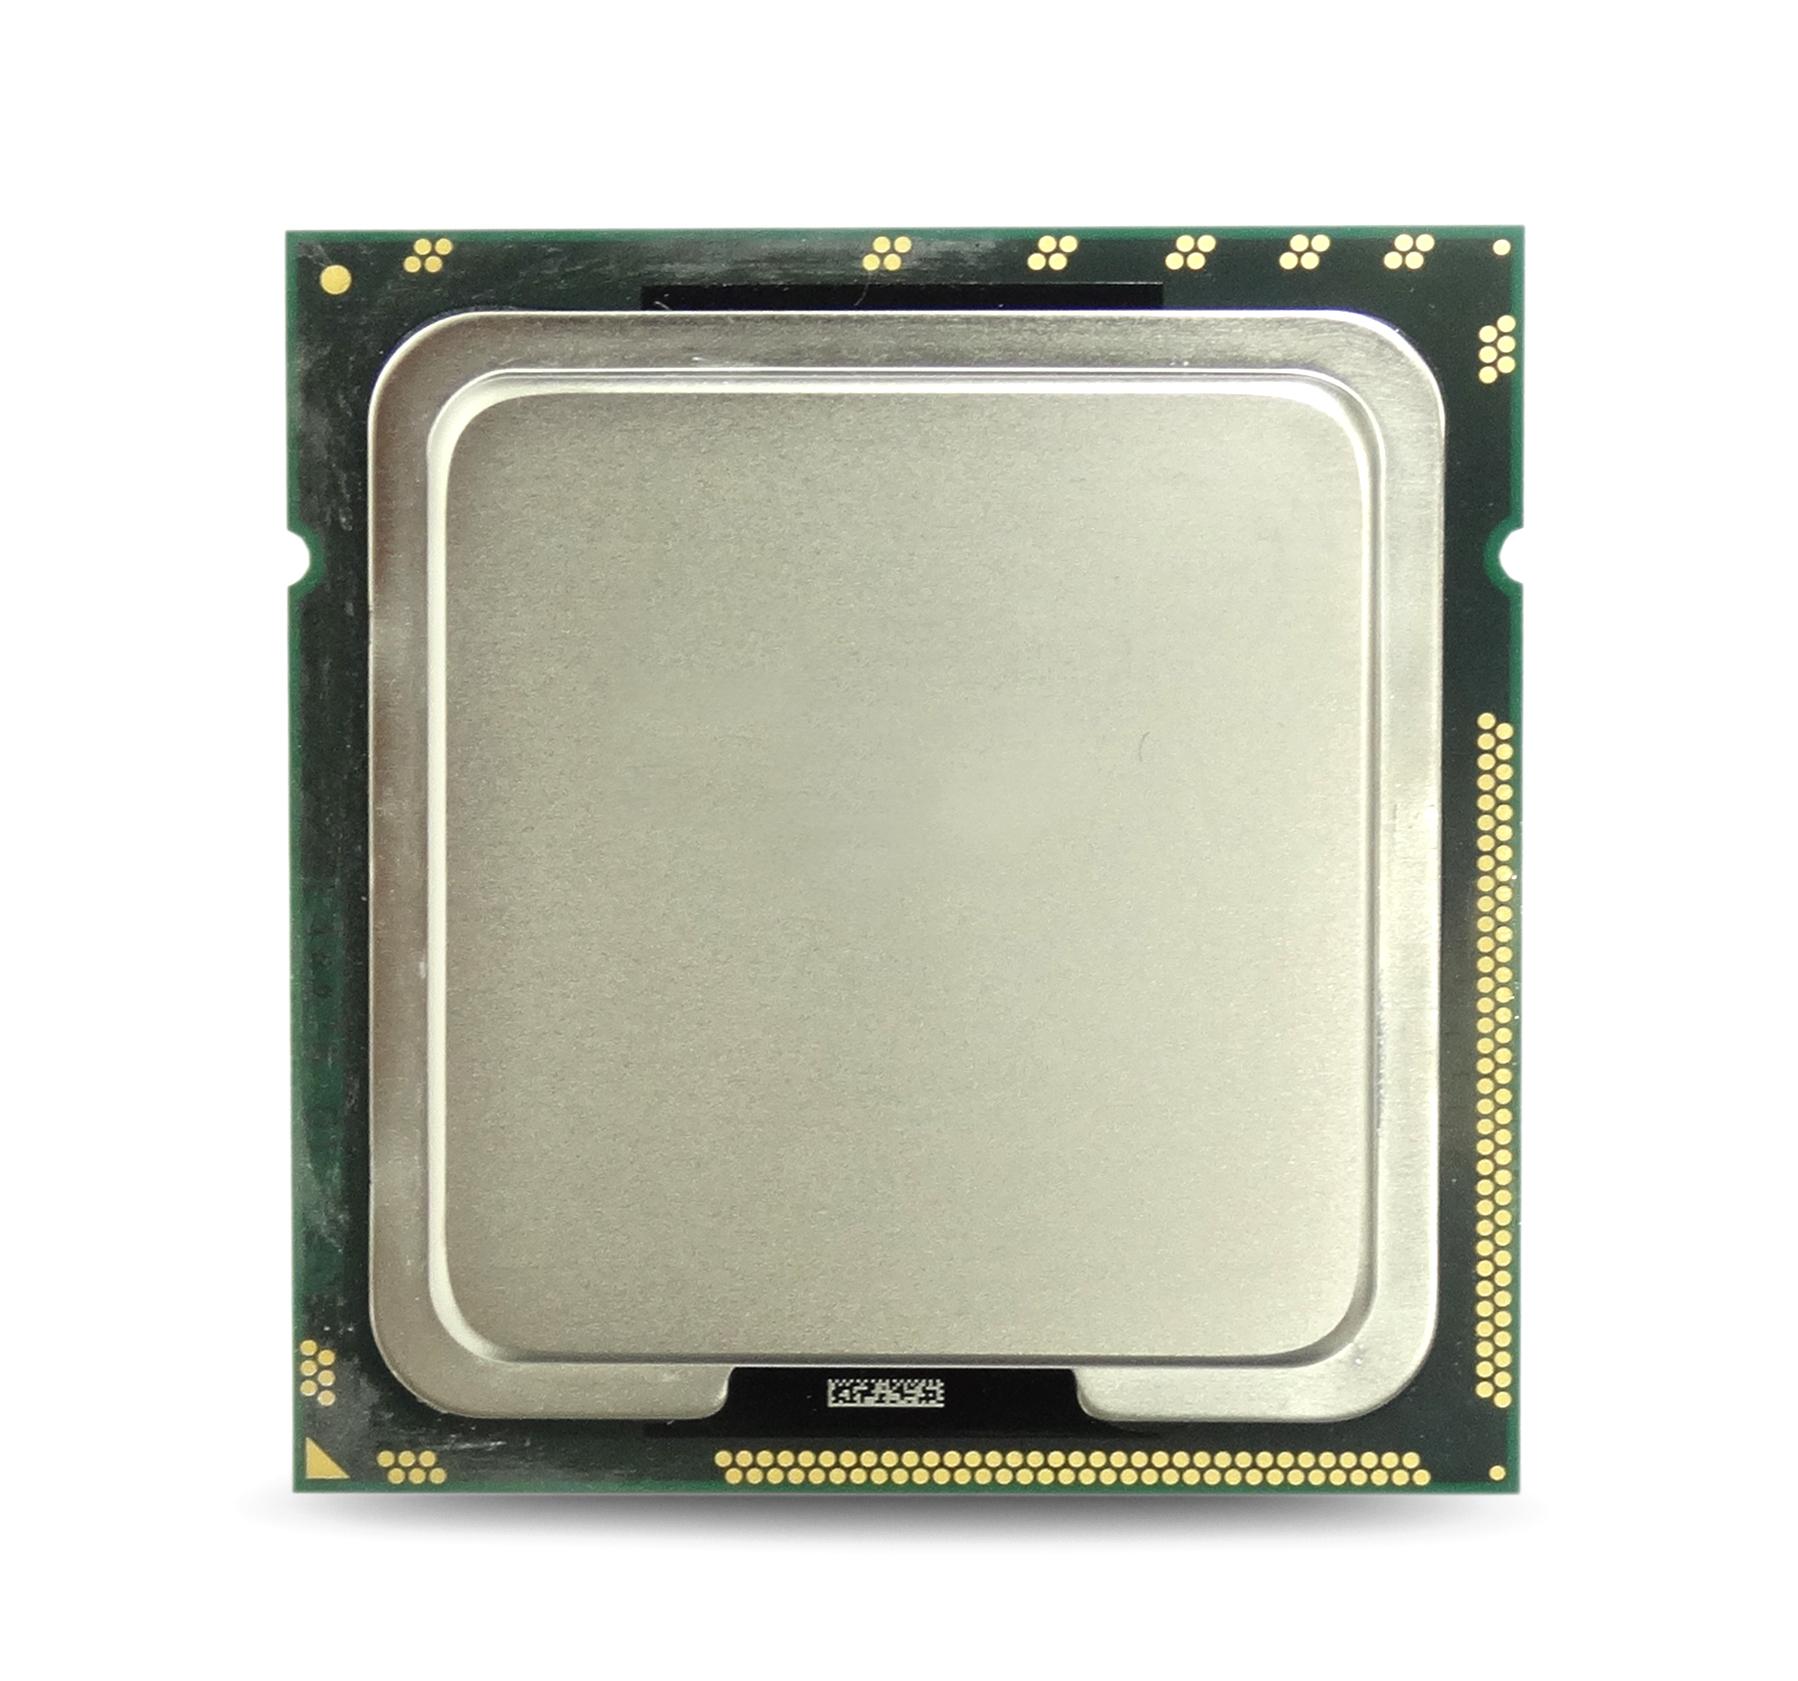 SLBTG Intel Pentium G6950 2.8GHz Dual Core 3M Cache LGA1156 Processor (SLBTG)